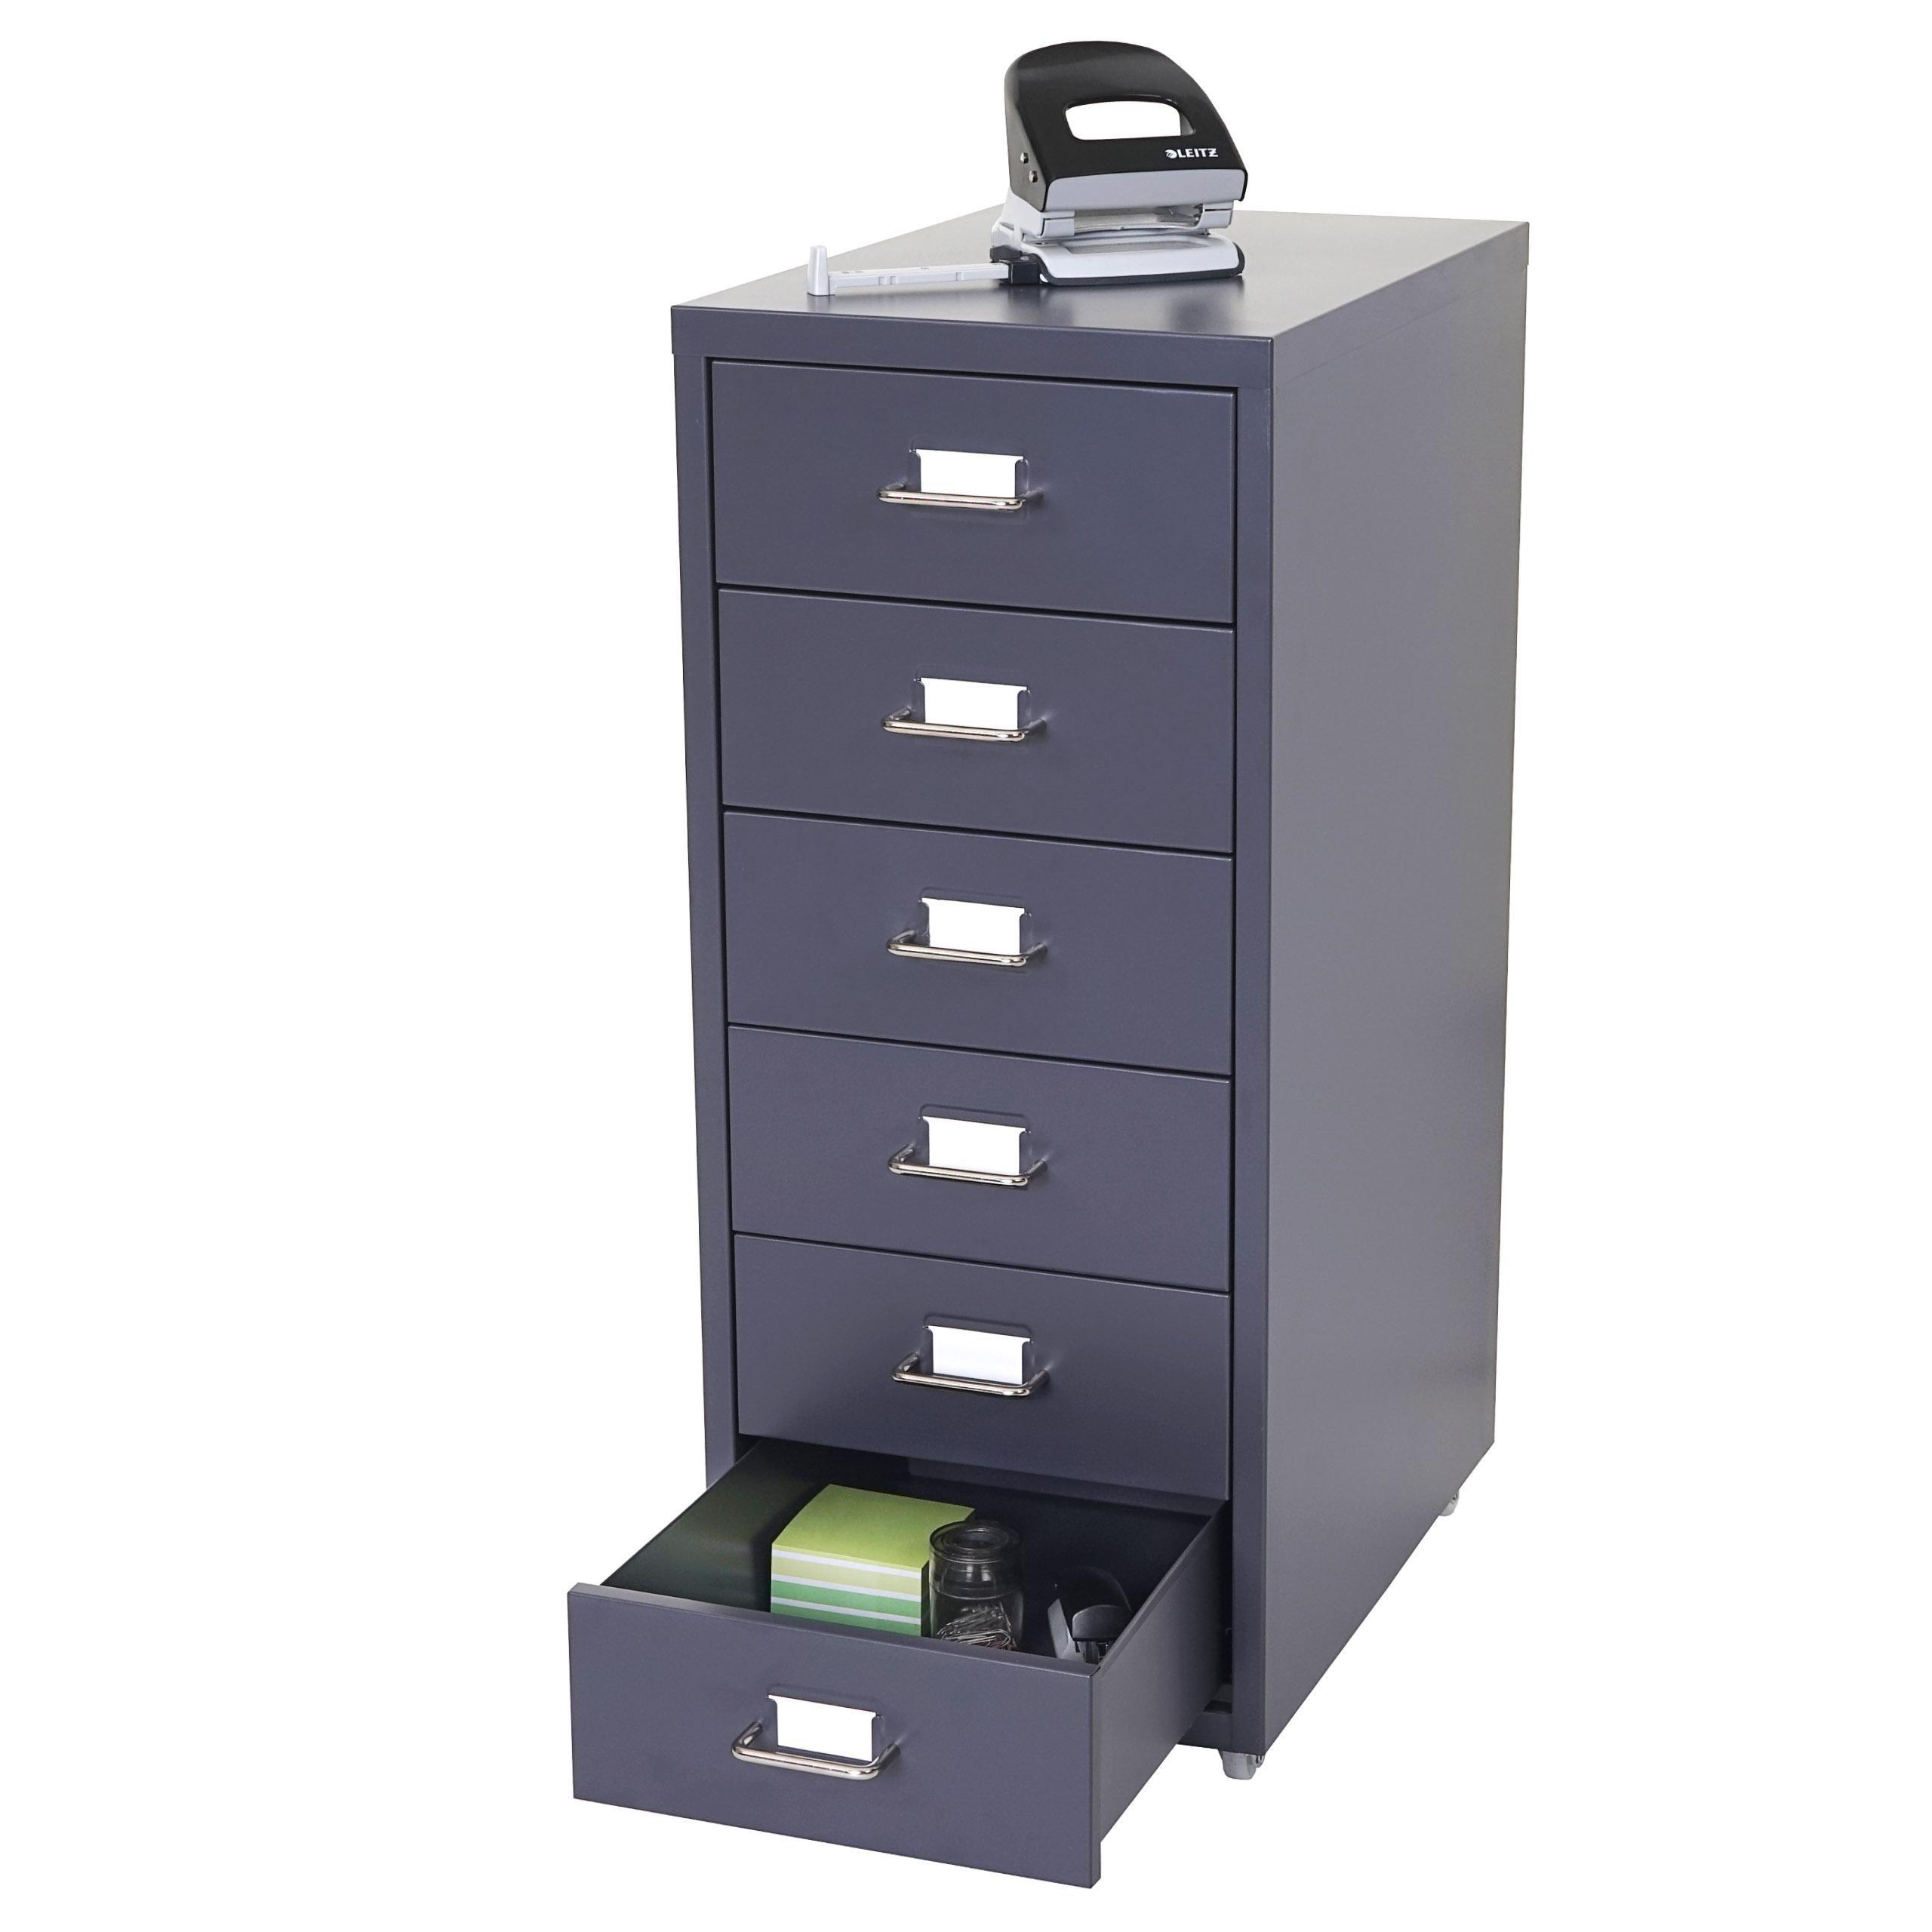 caisson roulettes boston t851 placard 6 tiroirs 69x28x44cm gris fonc ebay. Black Bedroom Furniture Sets. Home Design Ideas